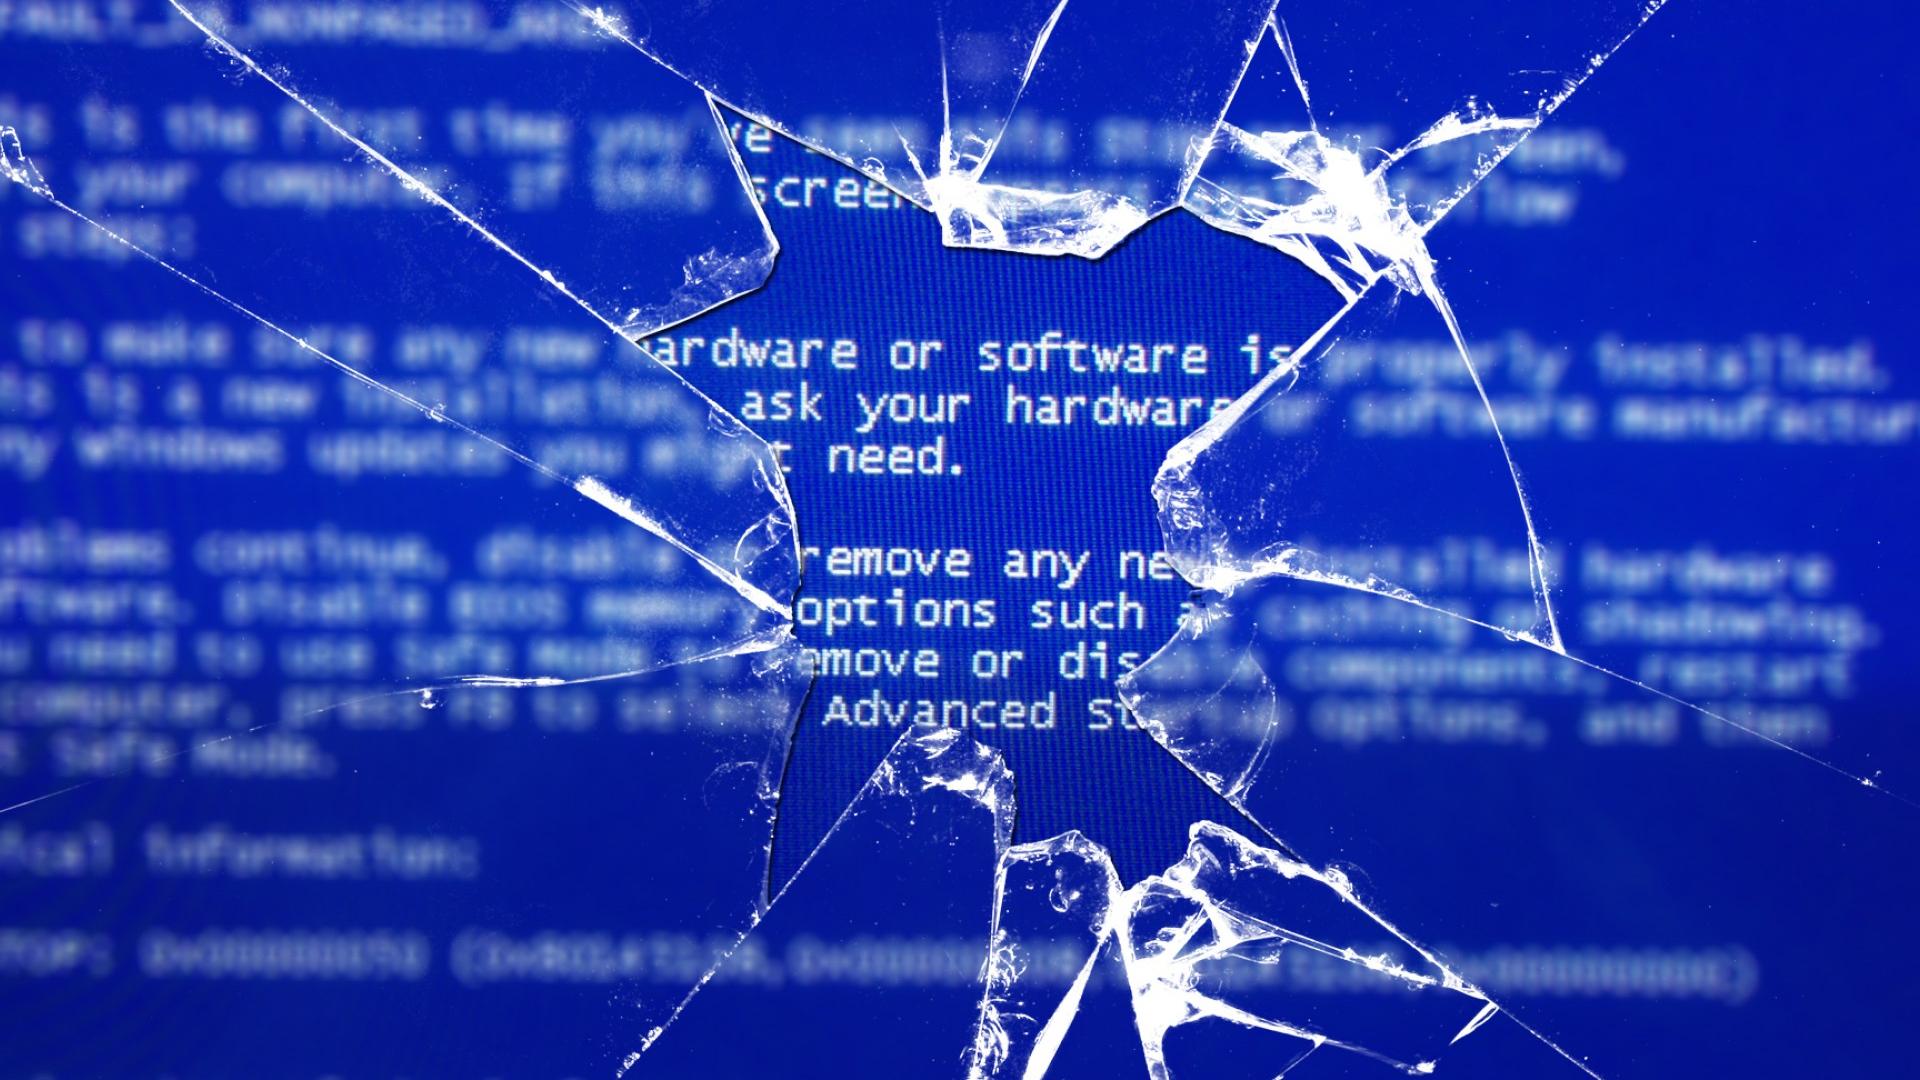 Free Download Broken Error Windows Death Screen Glass Broken